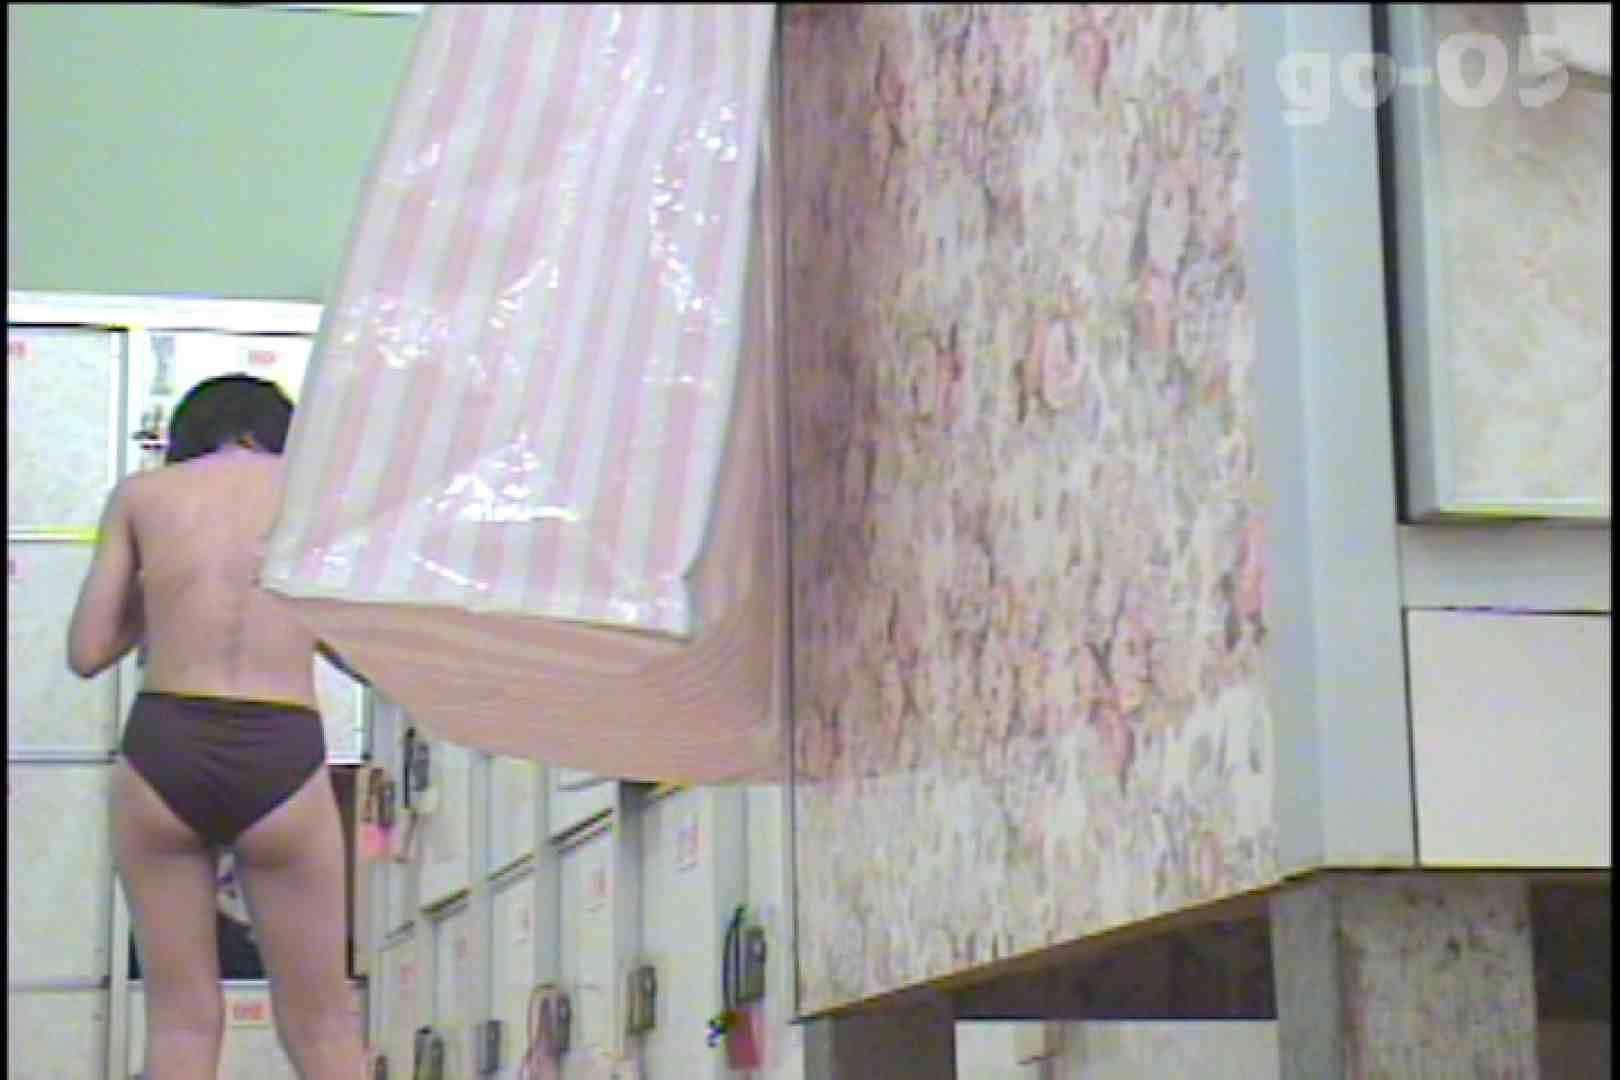 厳選 潜入女風呂 No.5 潜入 濡れ場動画紹介 82PIX 23